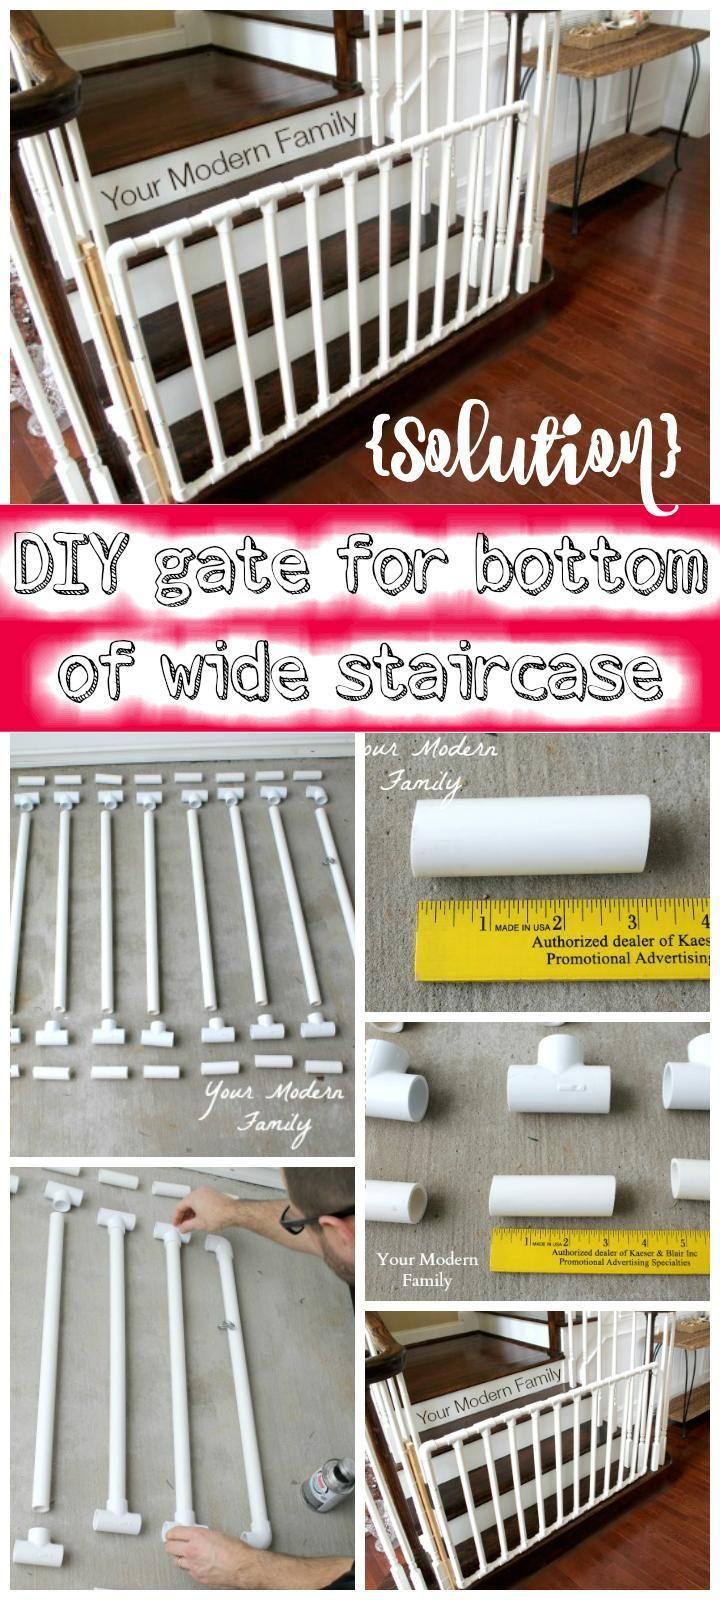 30 Best DIY Baby Gate Tutorials on Cheap Budget | DIY & Crafts